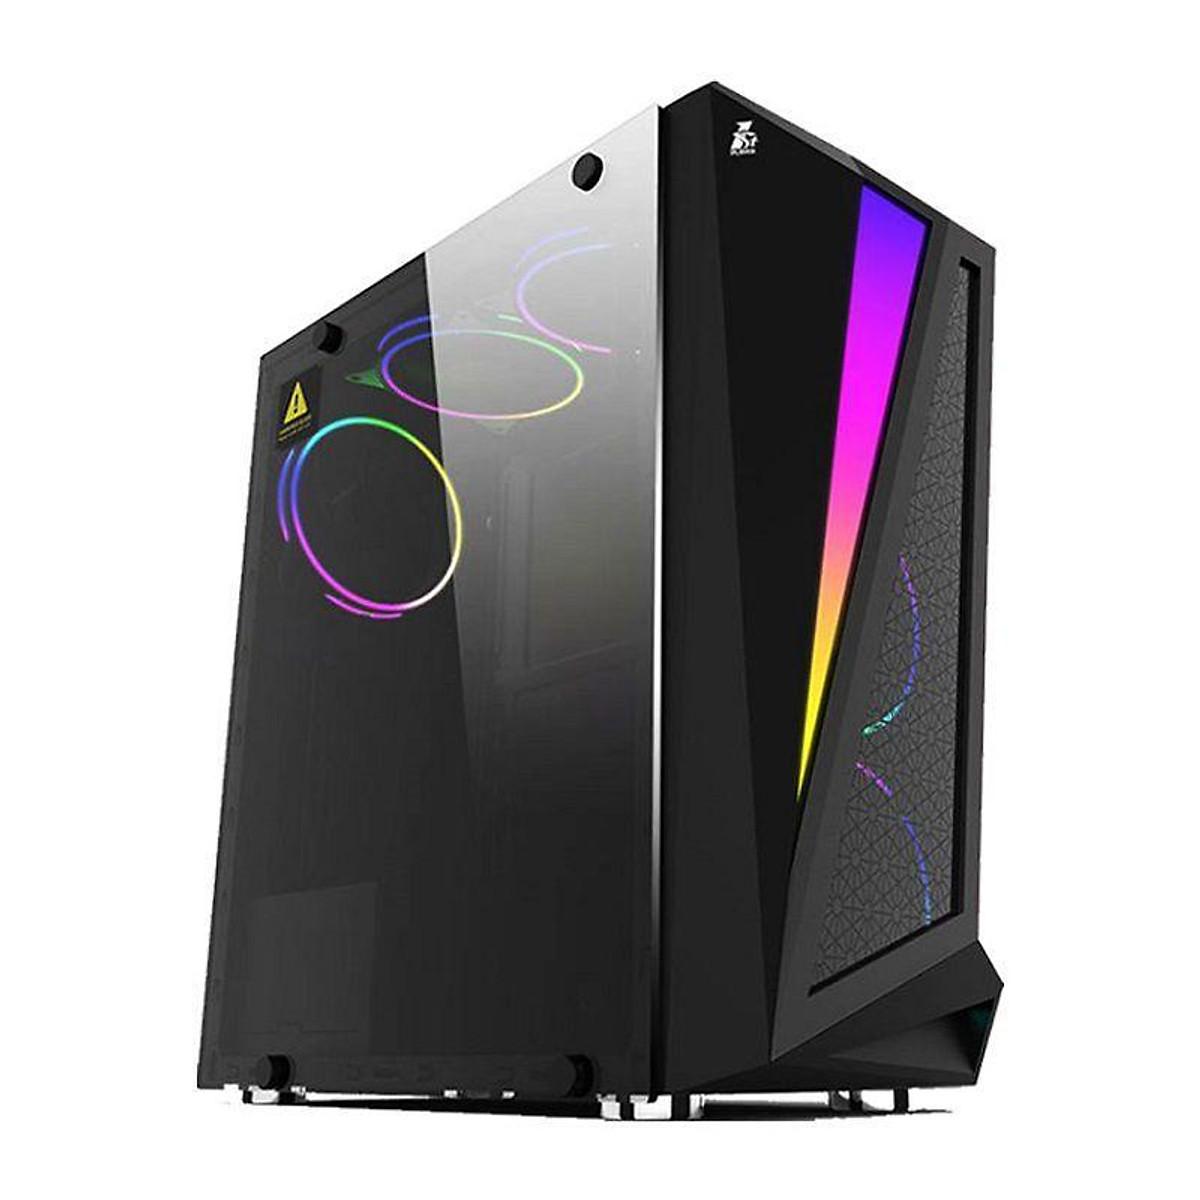 MÁY BỘ VĂN PHÒNG STAR 03/CPU AMD RYZEN ATHLON 200GE/MAIN A320M/RAM 4GB DDR4 2666/SSD 128GB/PSU 350W